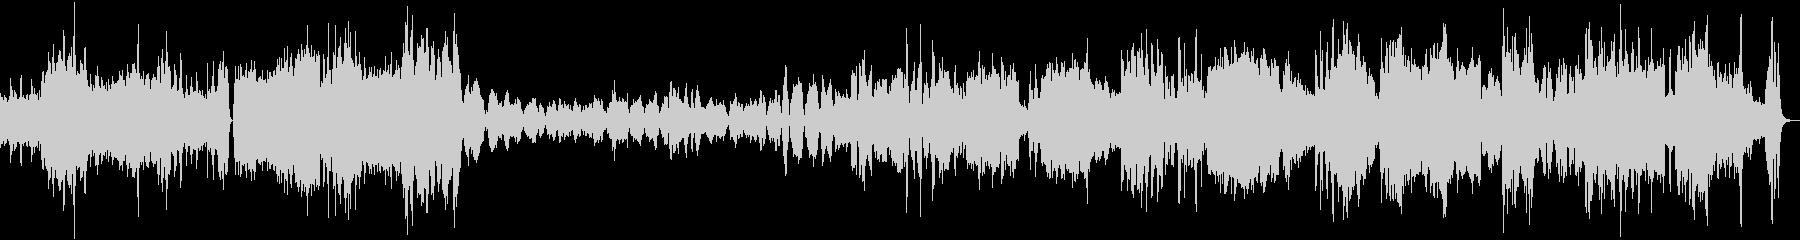 バラキレフ「イスラメイ」の未再生の波形